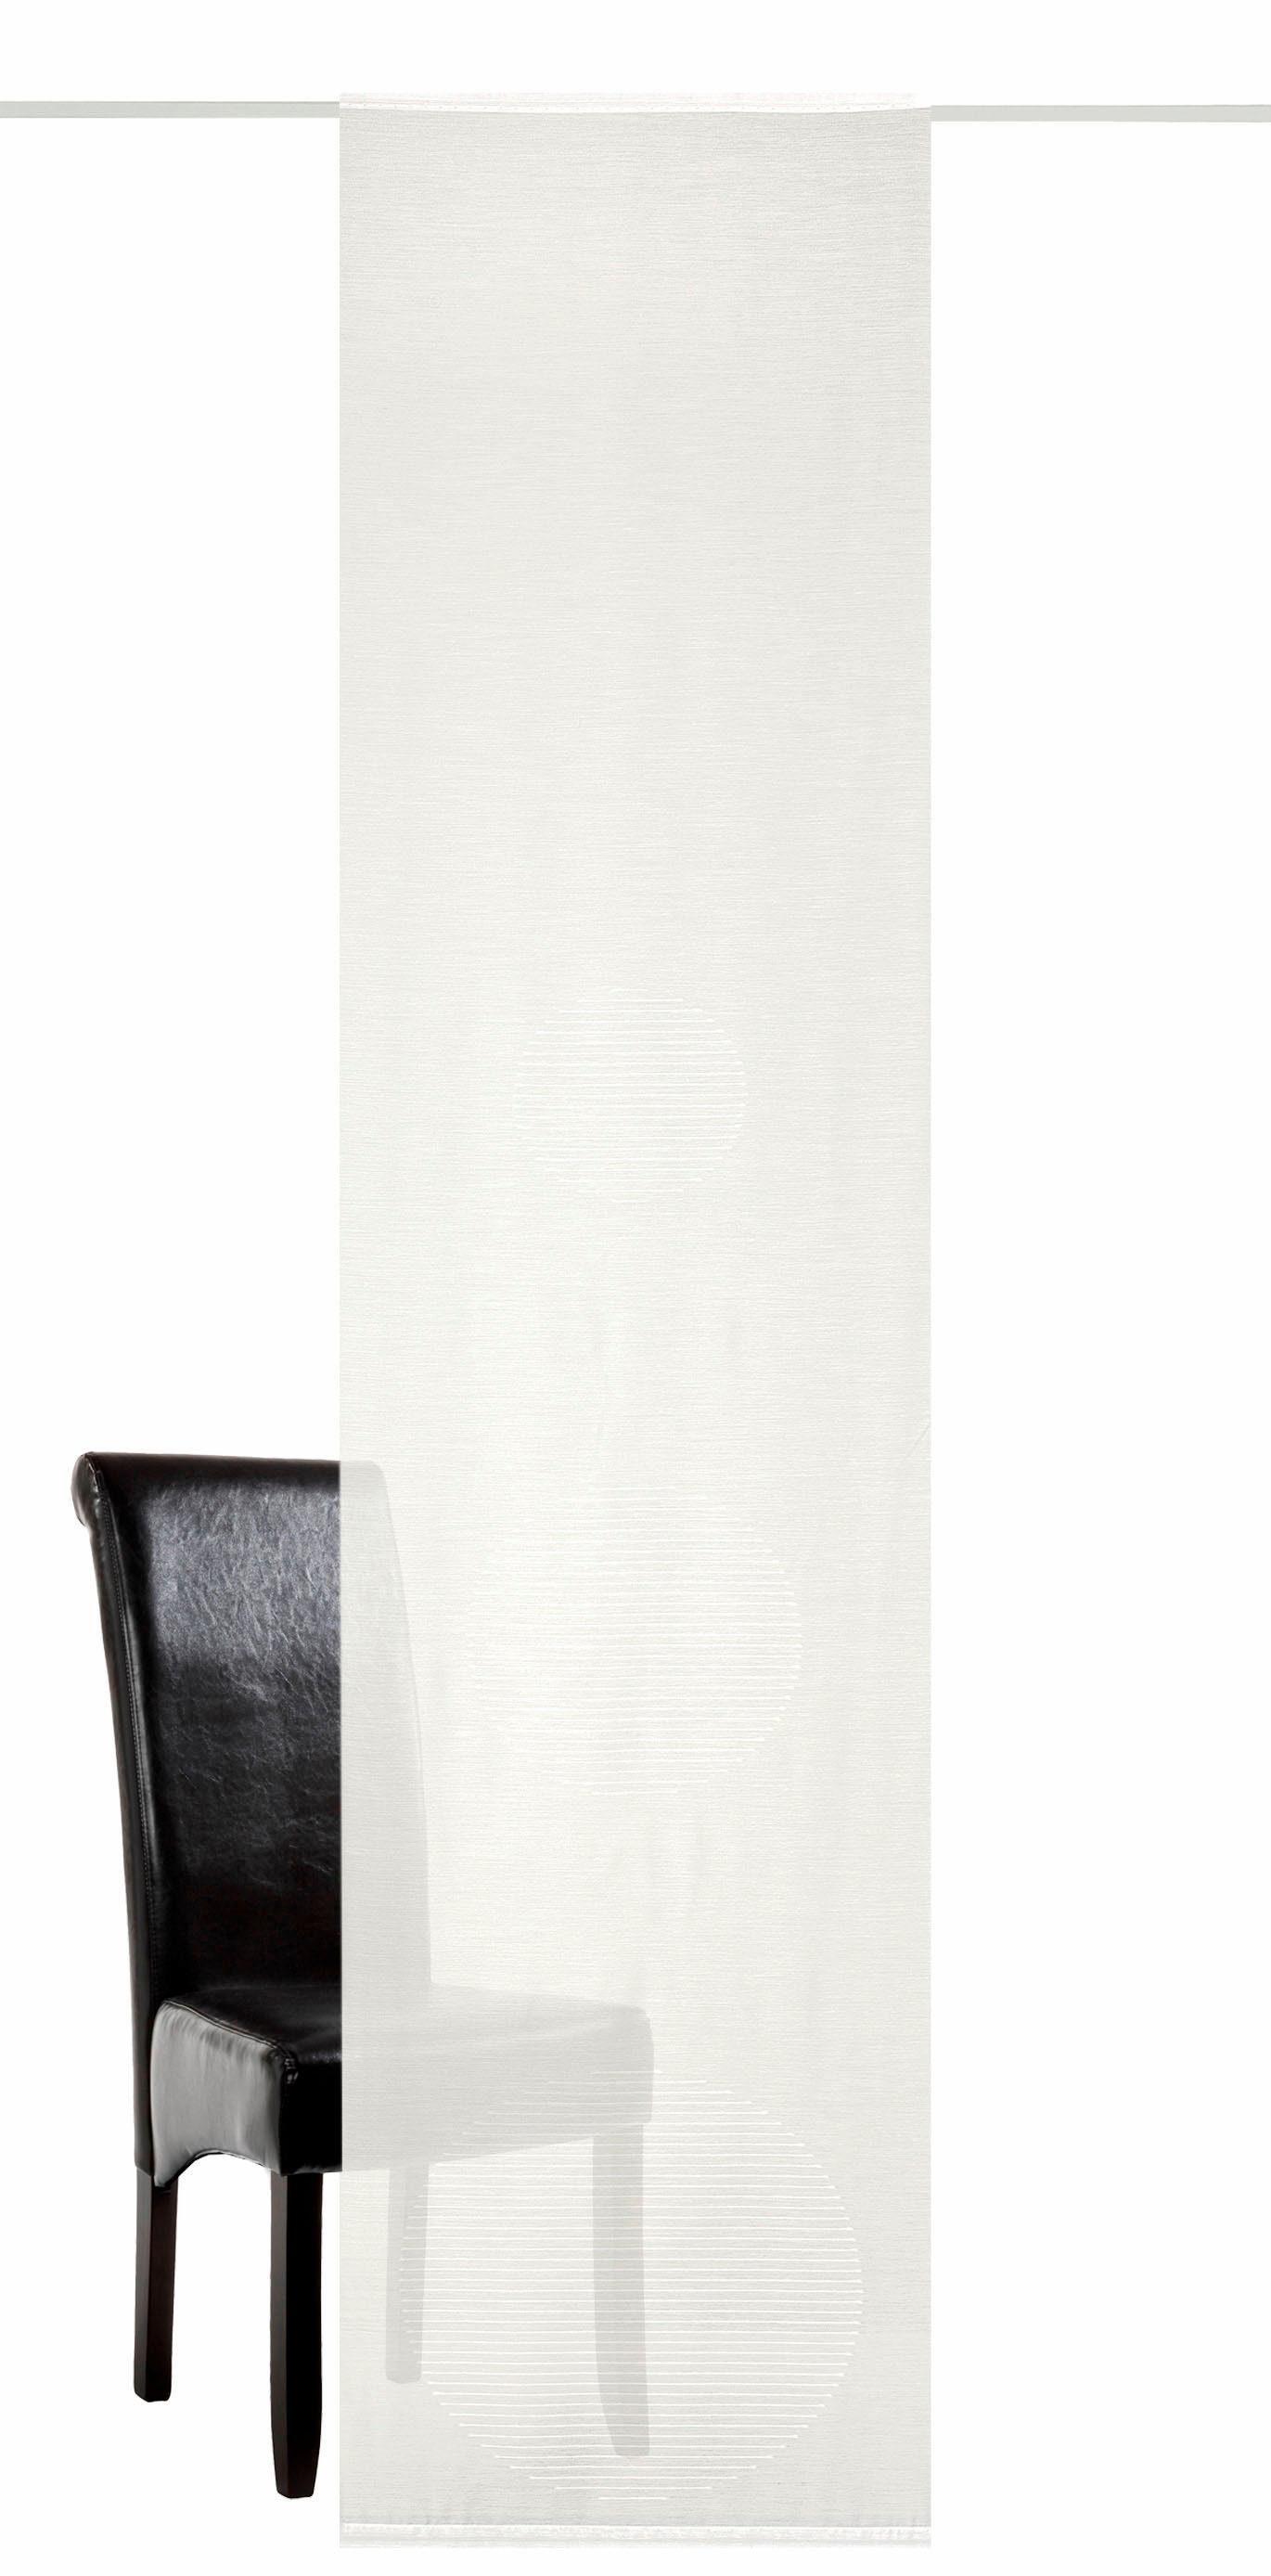 Schiebegardine »Icon«, DEKO TRENDS, Klettband (1 Stück), inkl. Befestigungszubehör